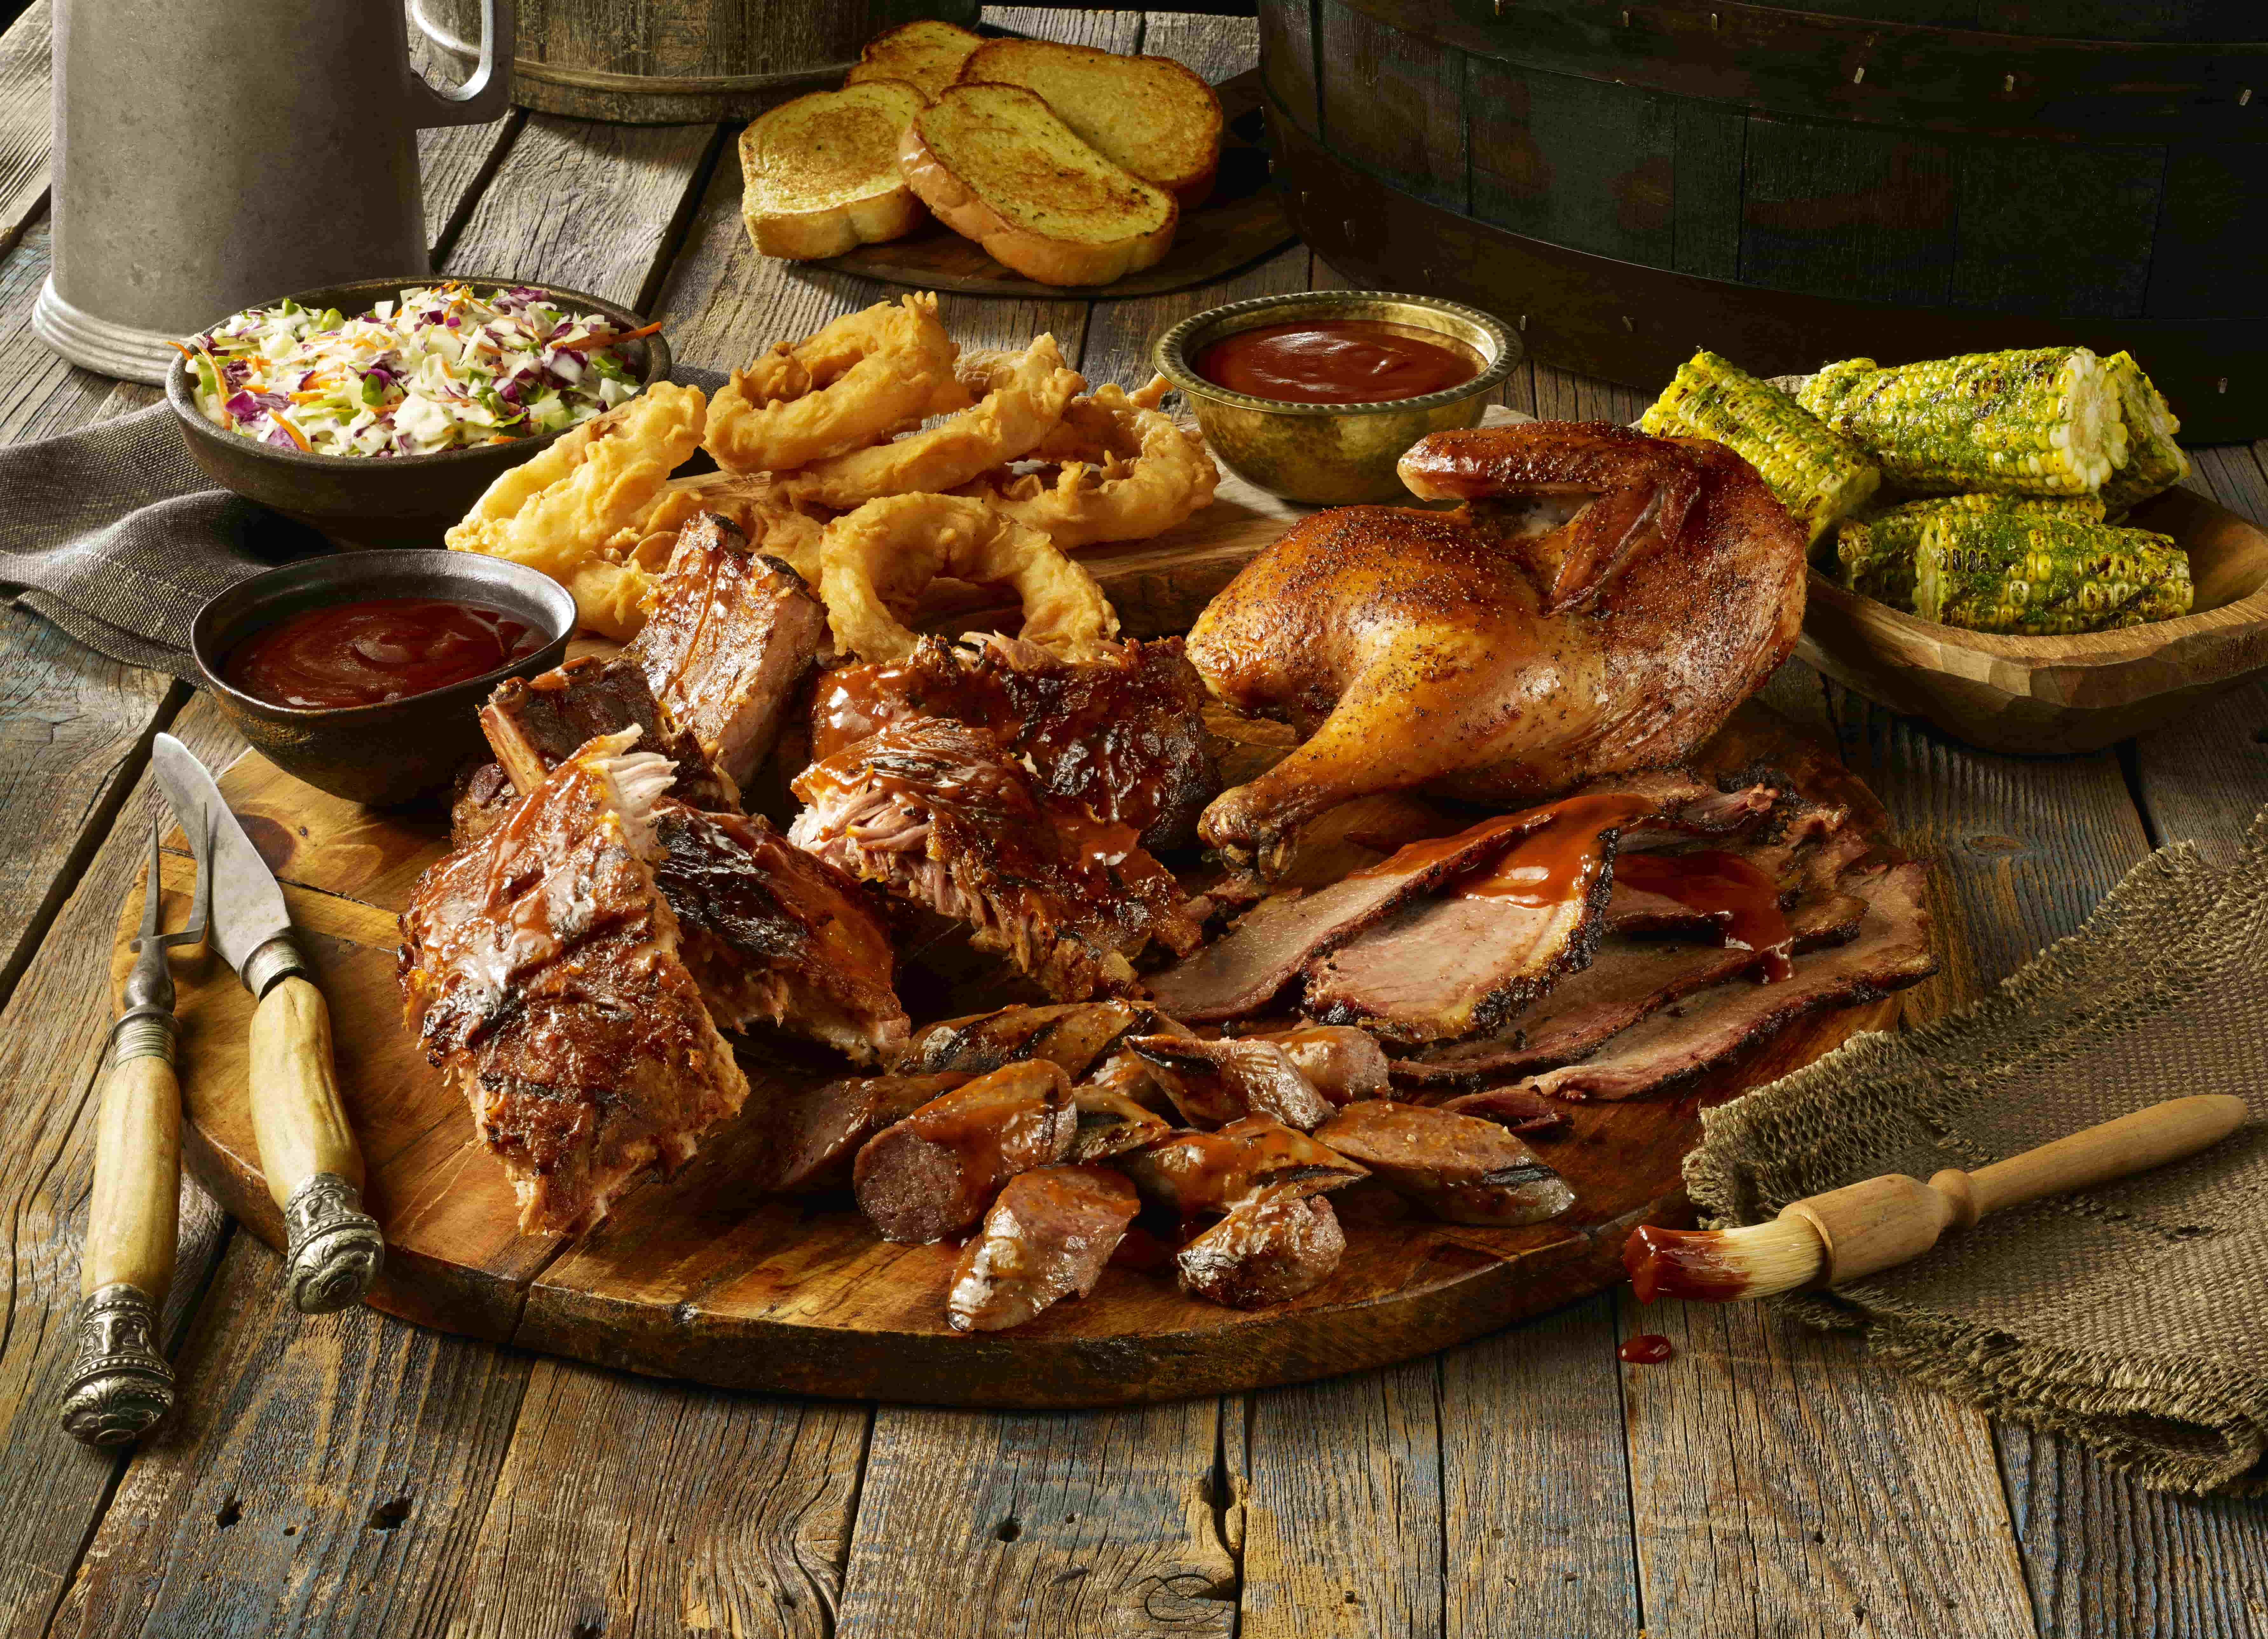 قائمة طعام جديدة لمطعم تي جي آي فرايديز الأمريكي في دبي